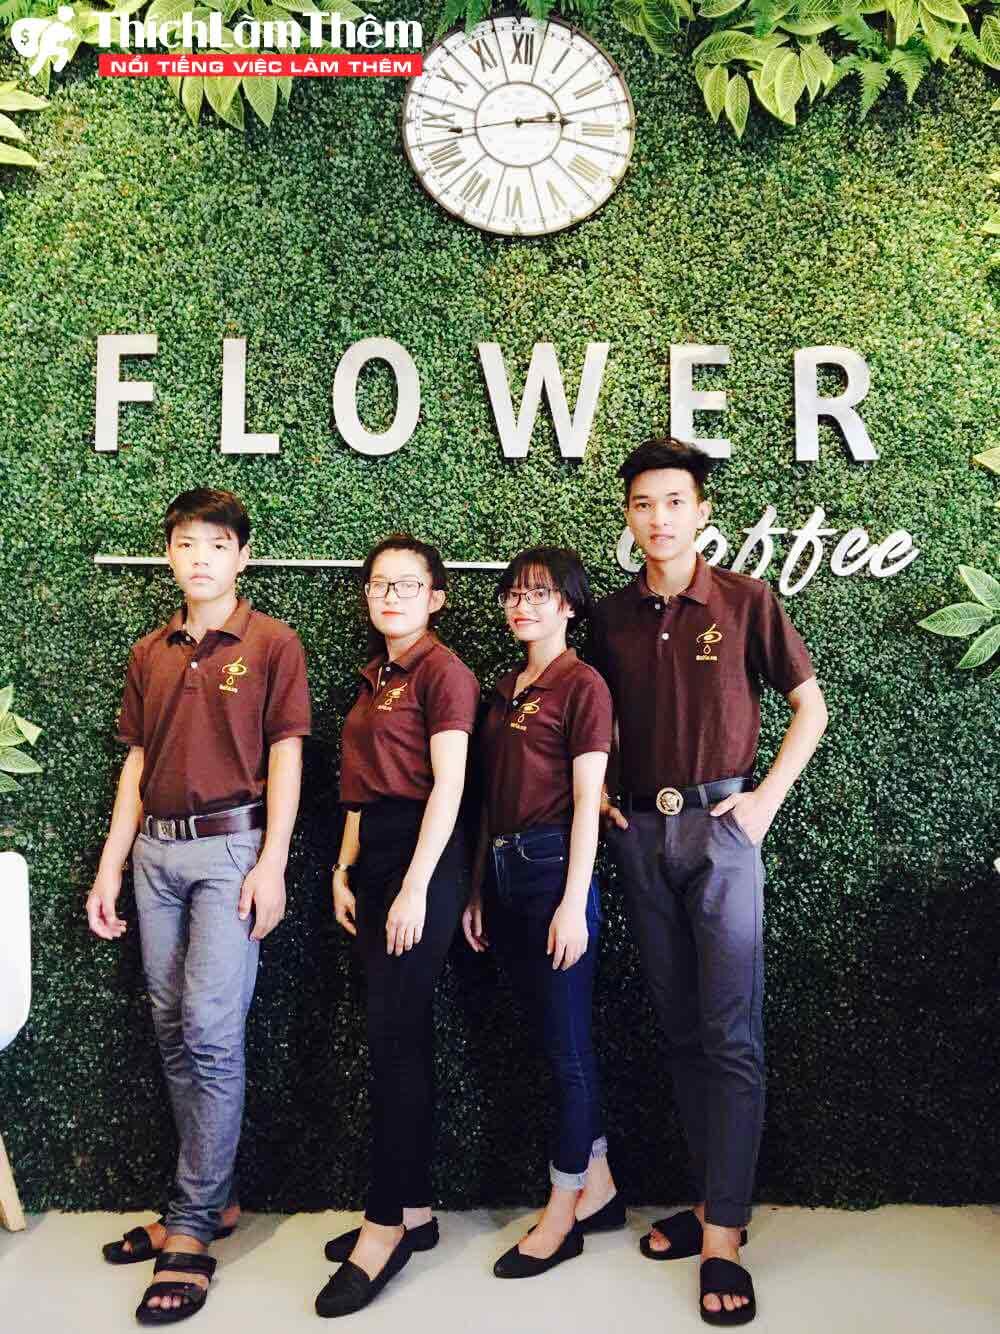 Tuyển nhân viên phục vụ ca sáng – Quán flower coffee